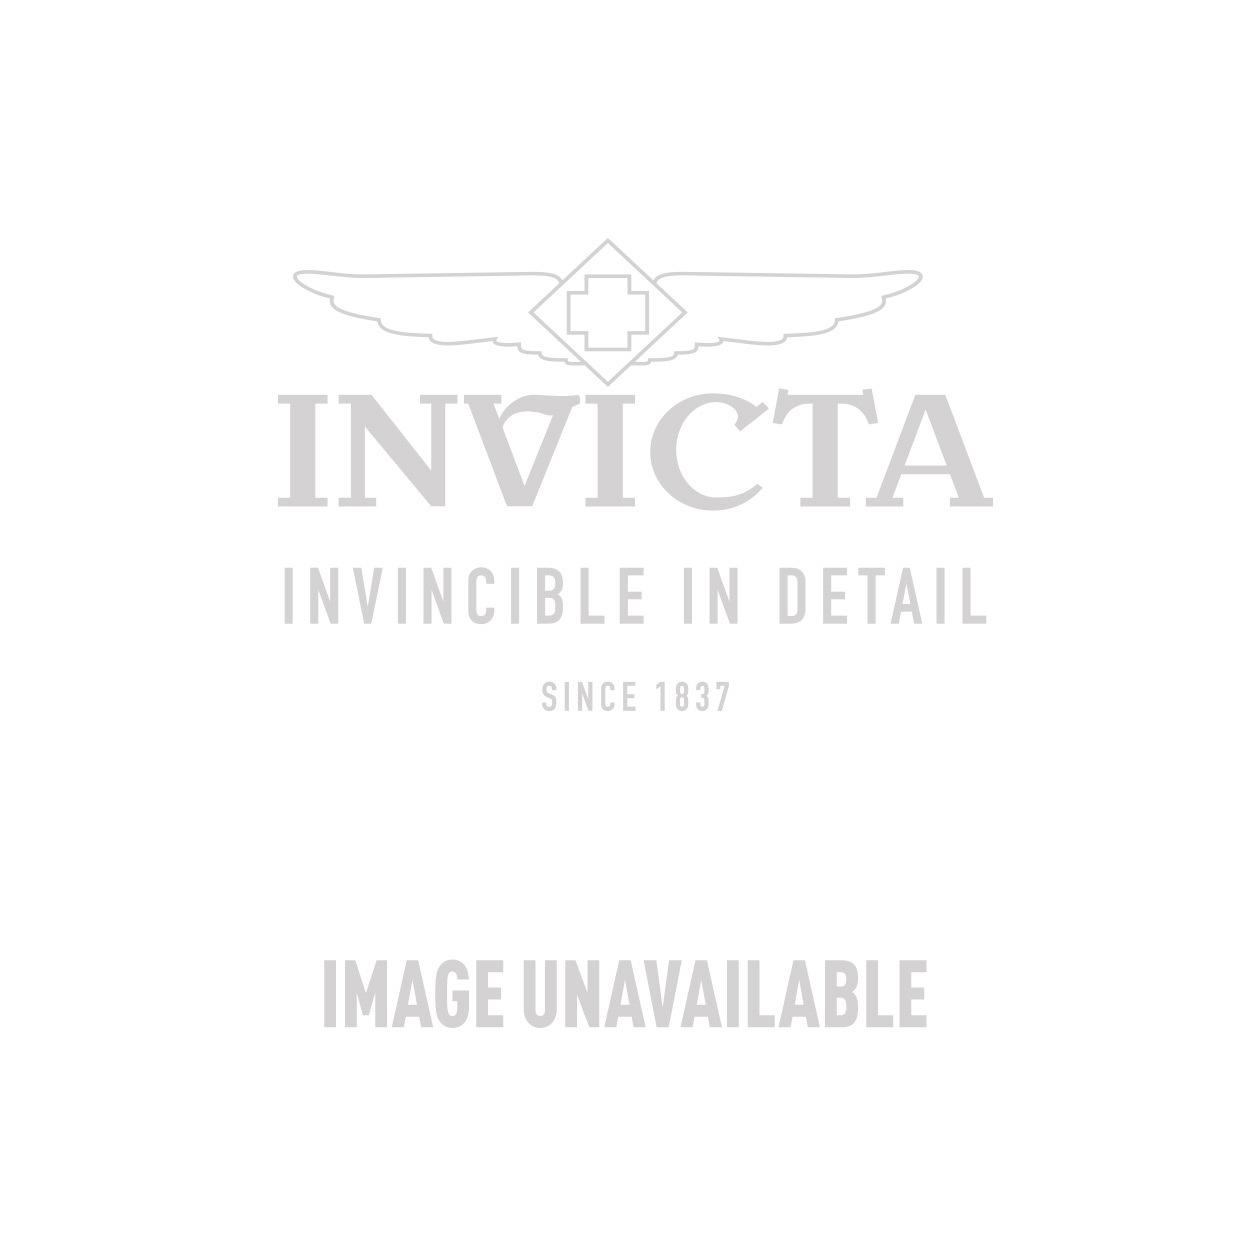 Invicta Subaqua Mens Quartz 52mm Stainless Steel Case, White, Brown, Gunmetal Dial - Model 32230